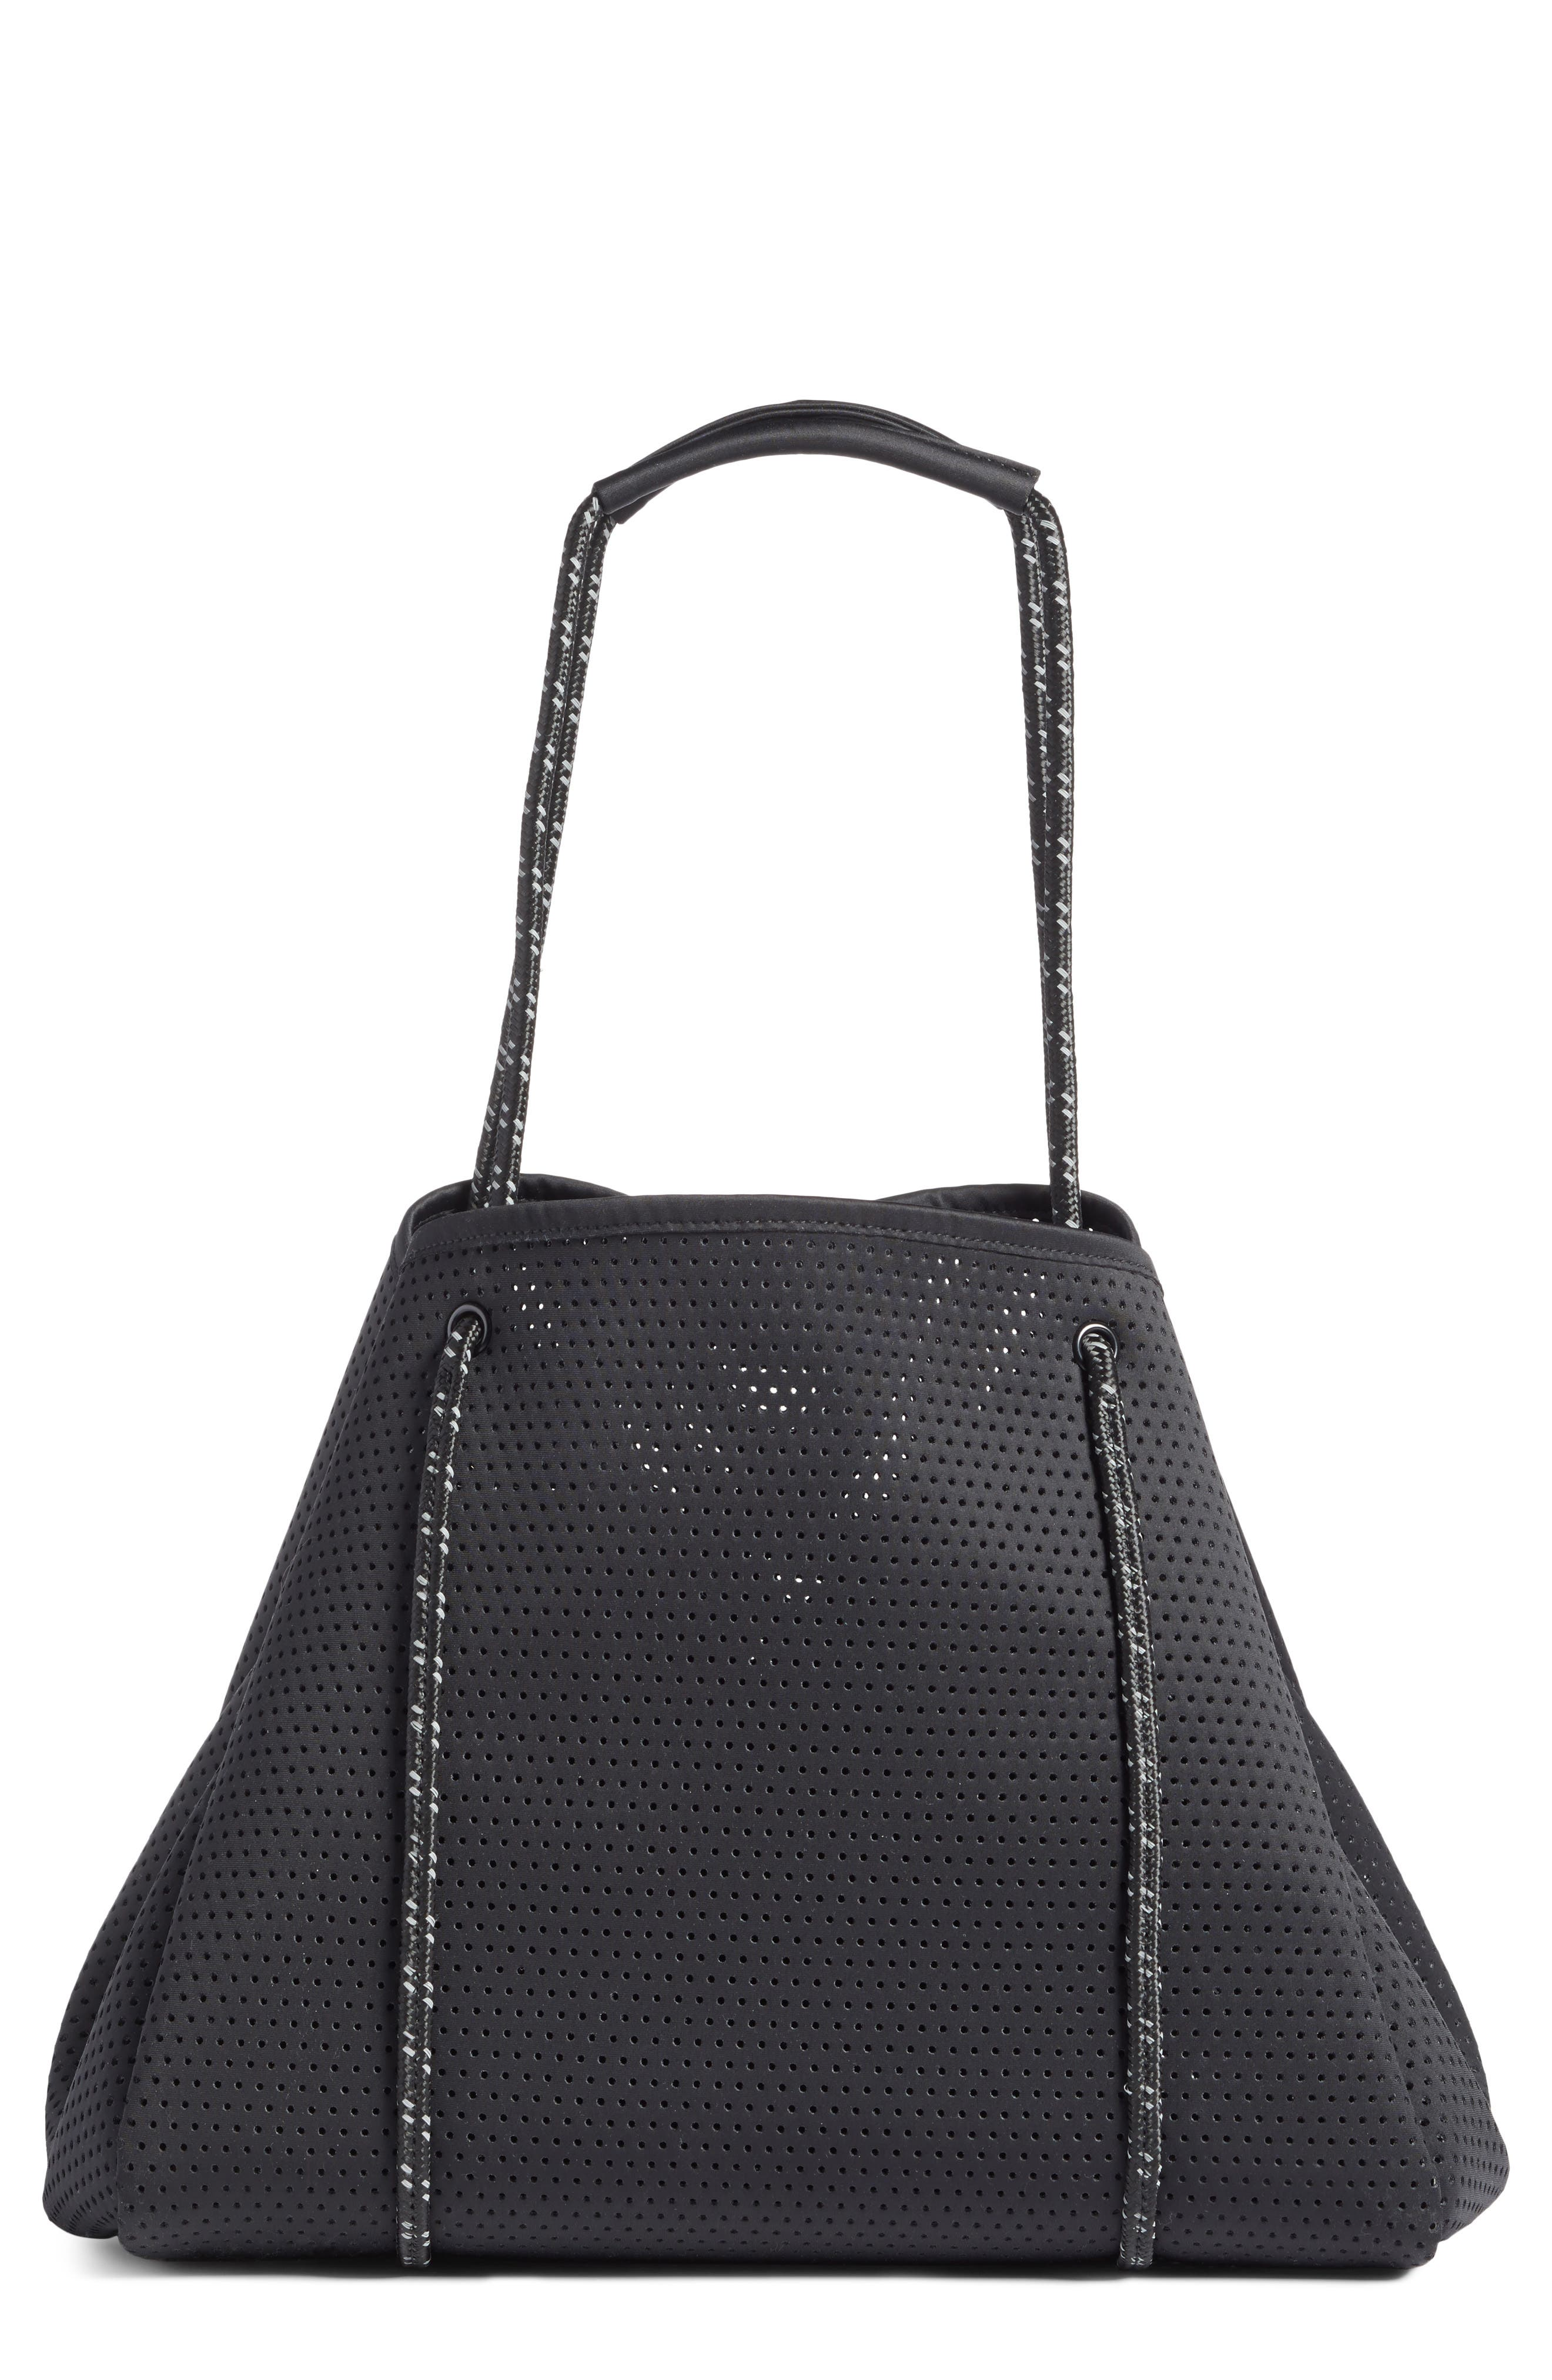 Zella Perforated Tote Bag